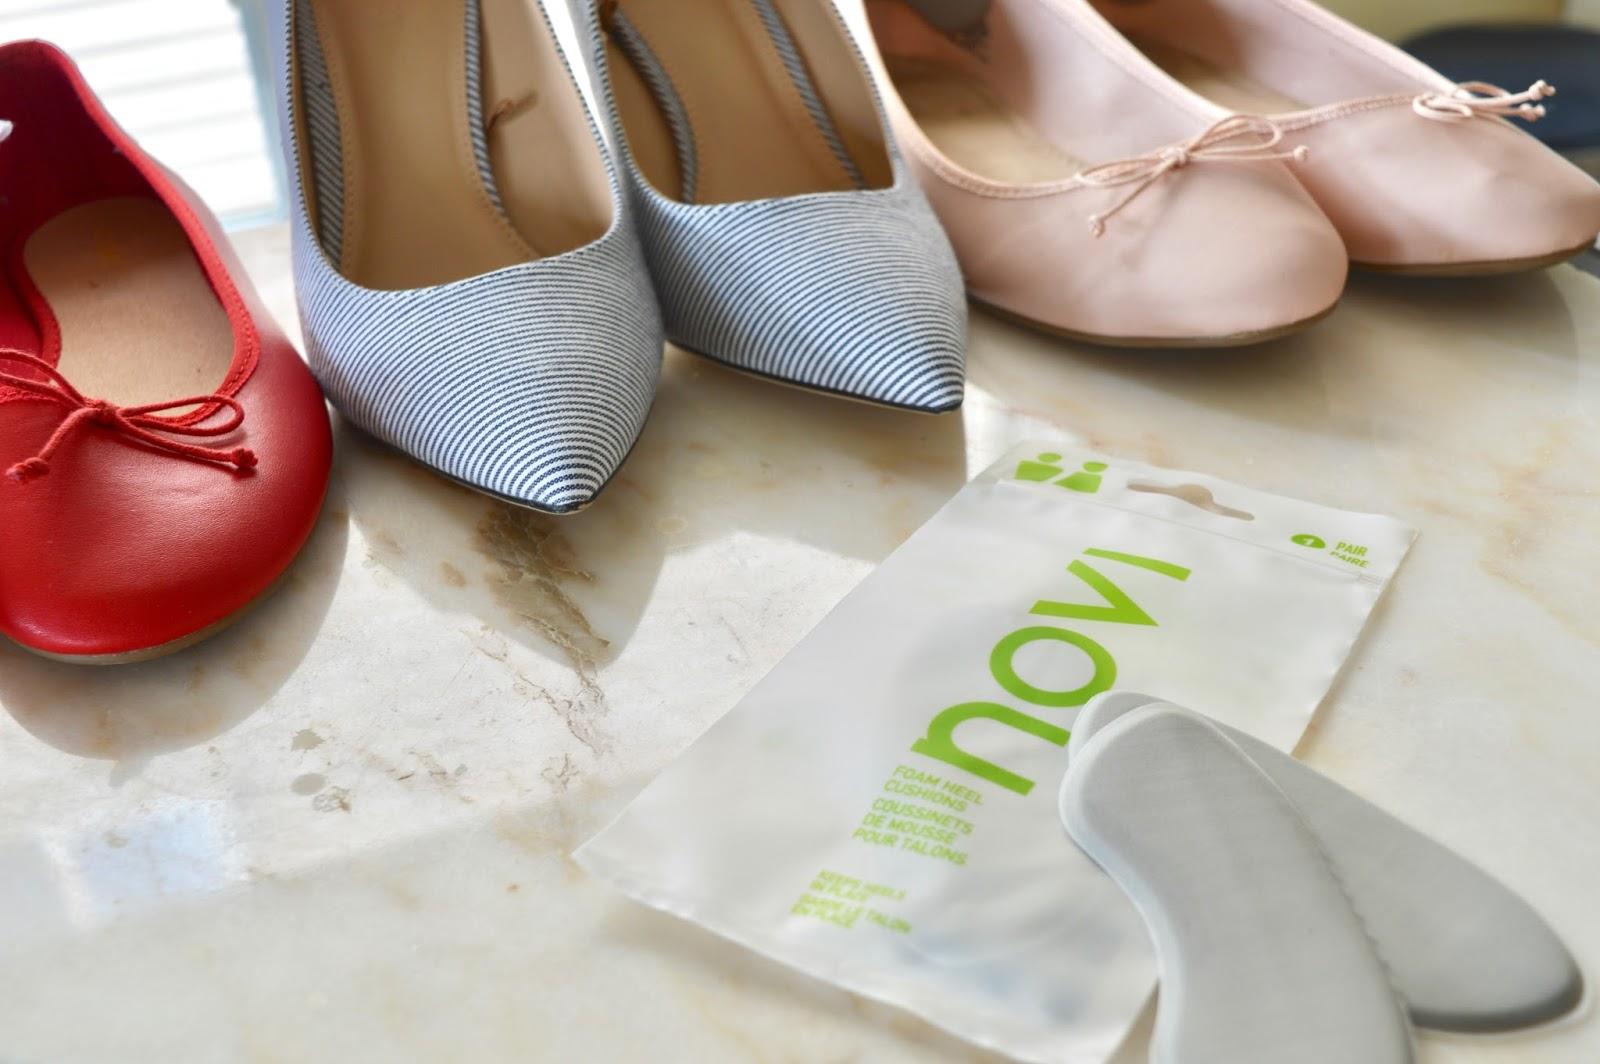 shoe heel pads